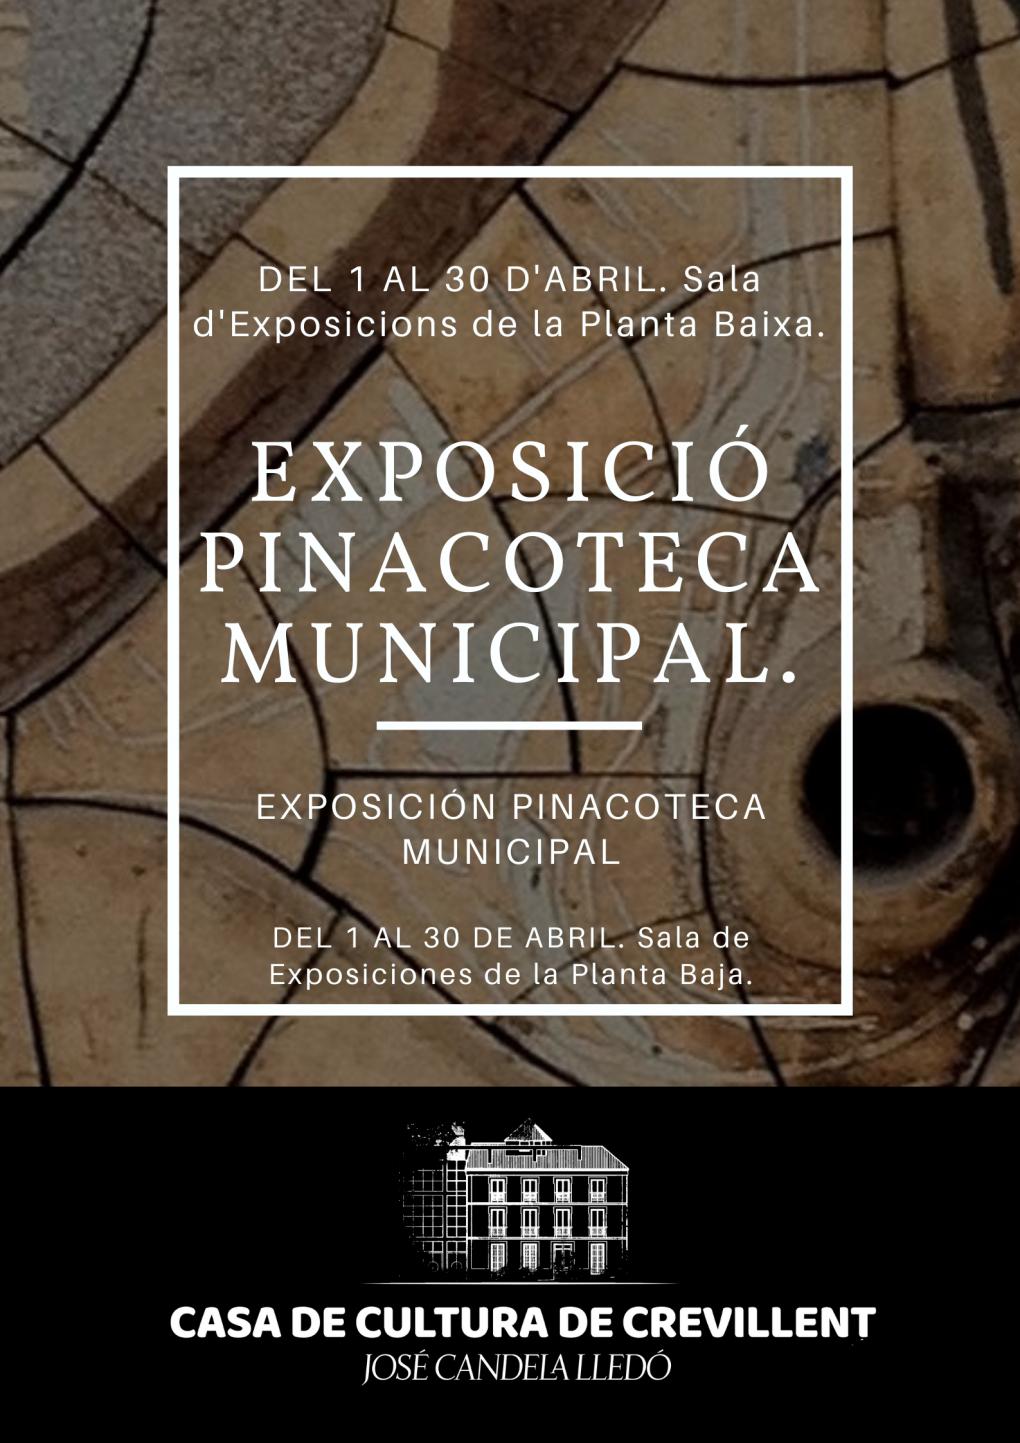 EXPOSICIÓN PINACOTECA MUNICIPAL.